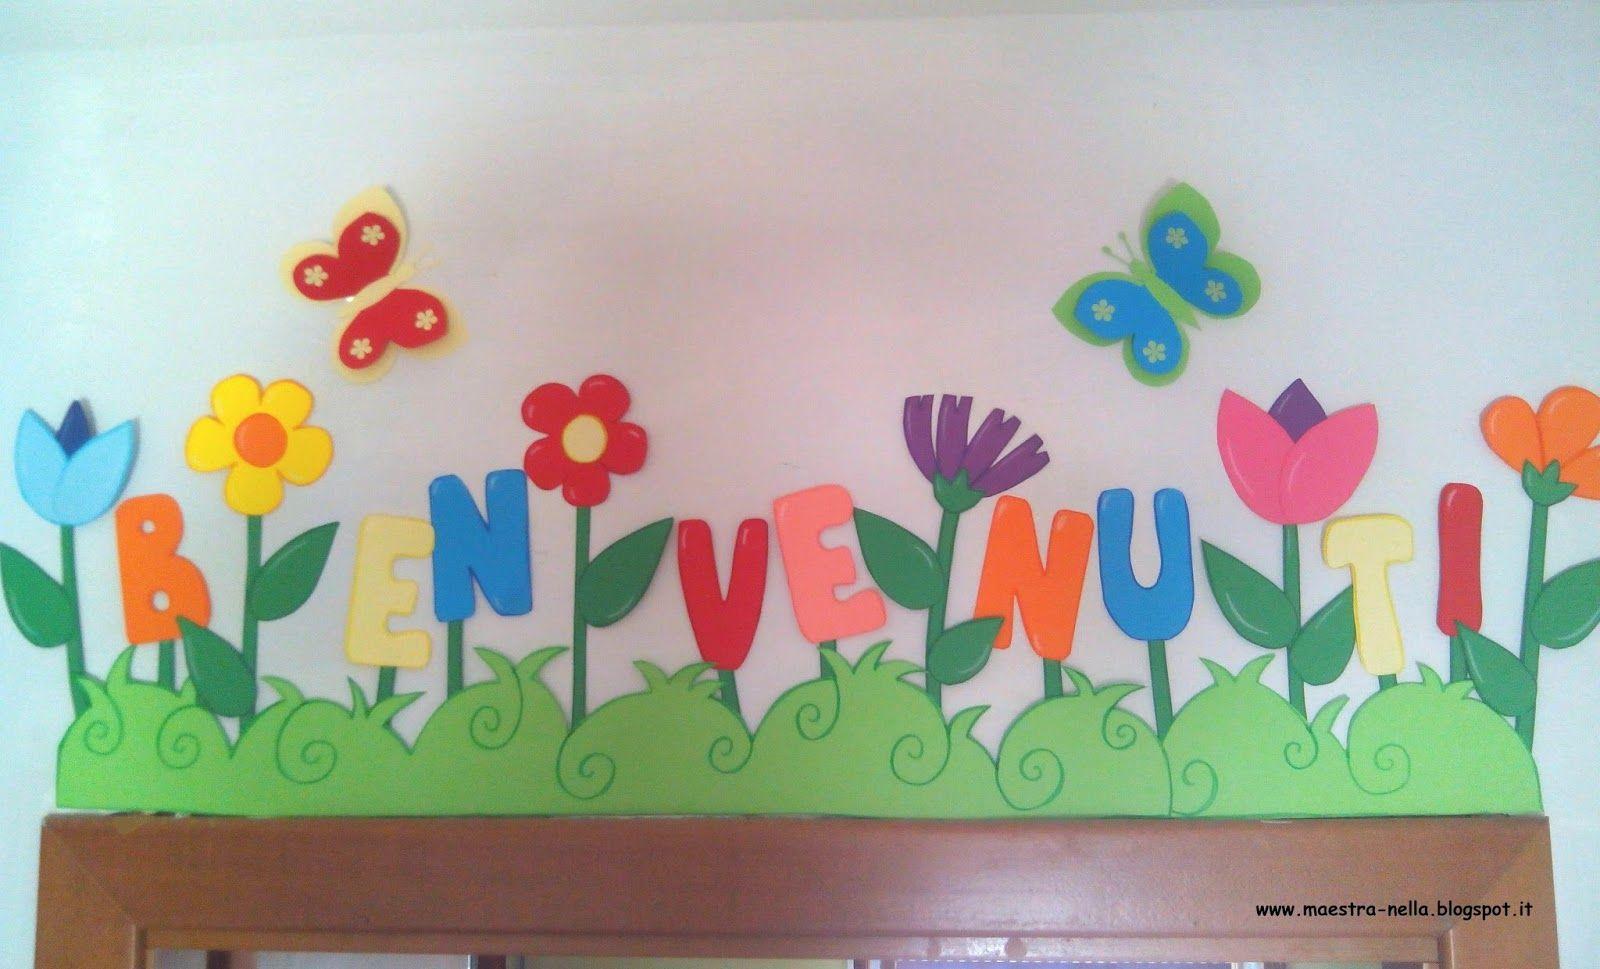 Maestra nella scitta 39 benvenuti 39 accoglienza for Maestra infanzia